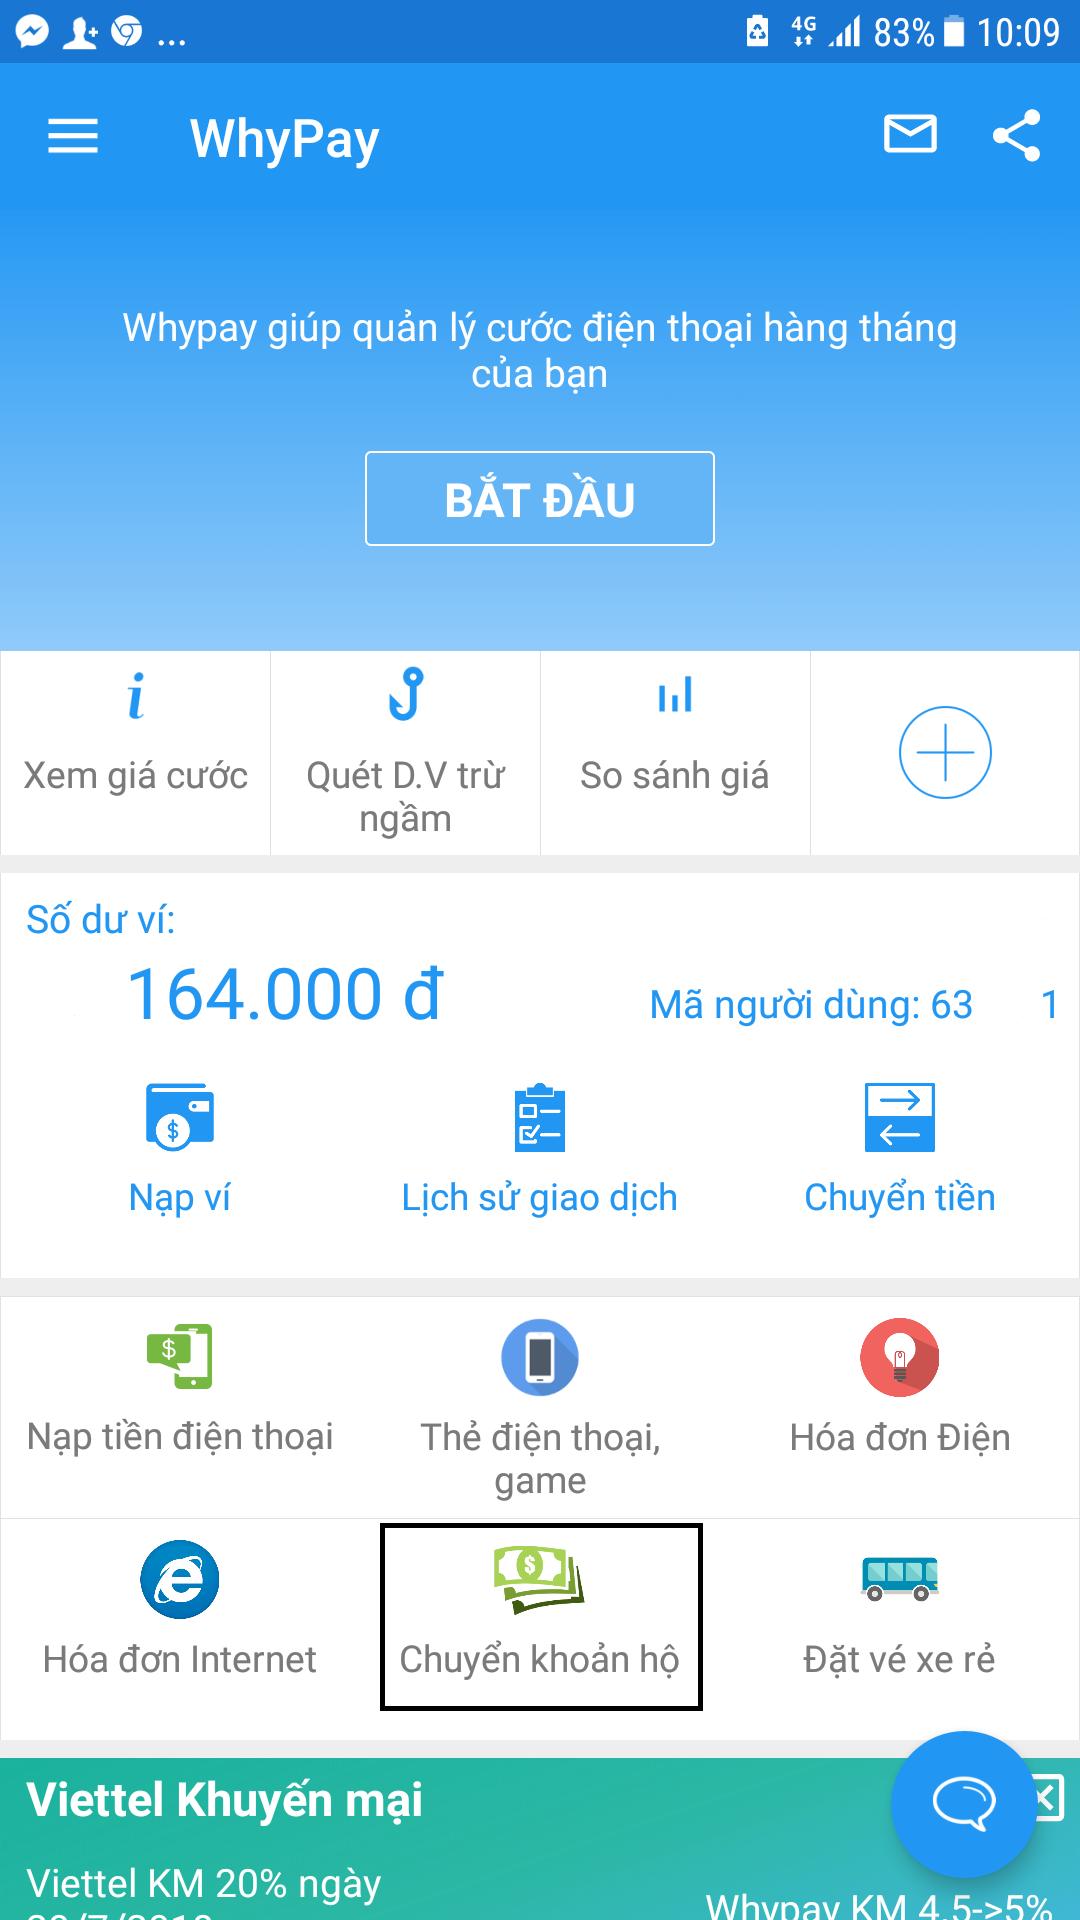 Hướng dẫn chuyển tiền từ ví Whypay sang tài khoản ngân hàng